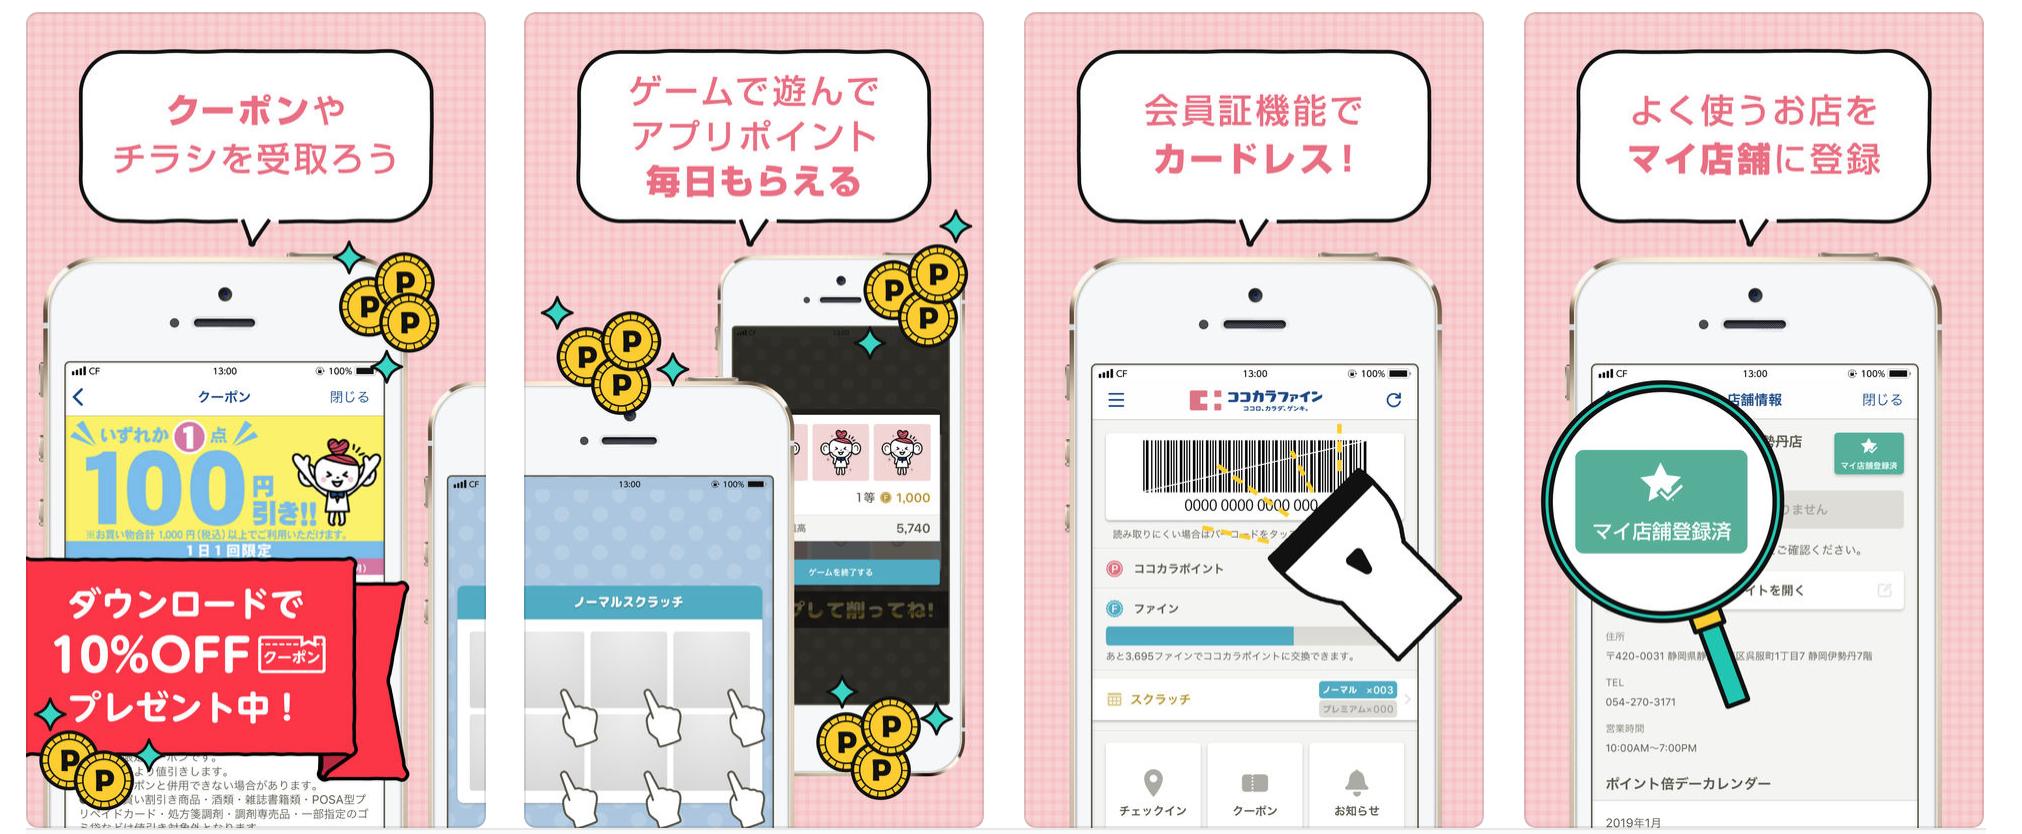 ココカラファイン公式アプリ